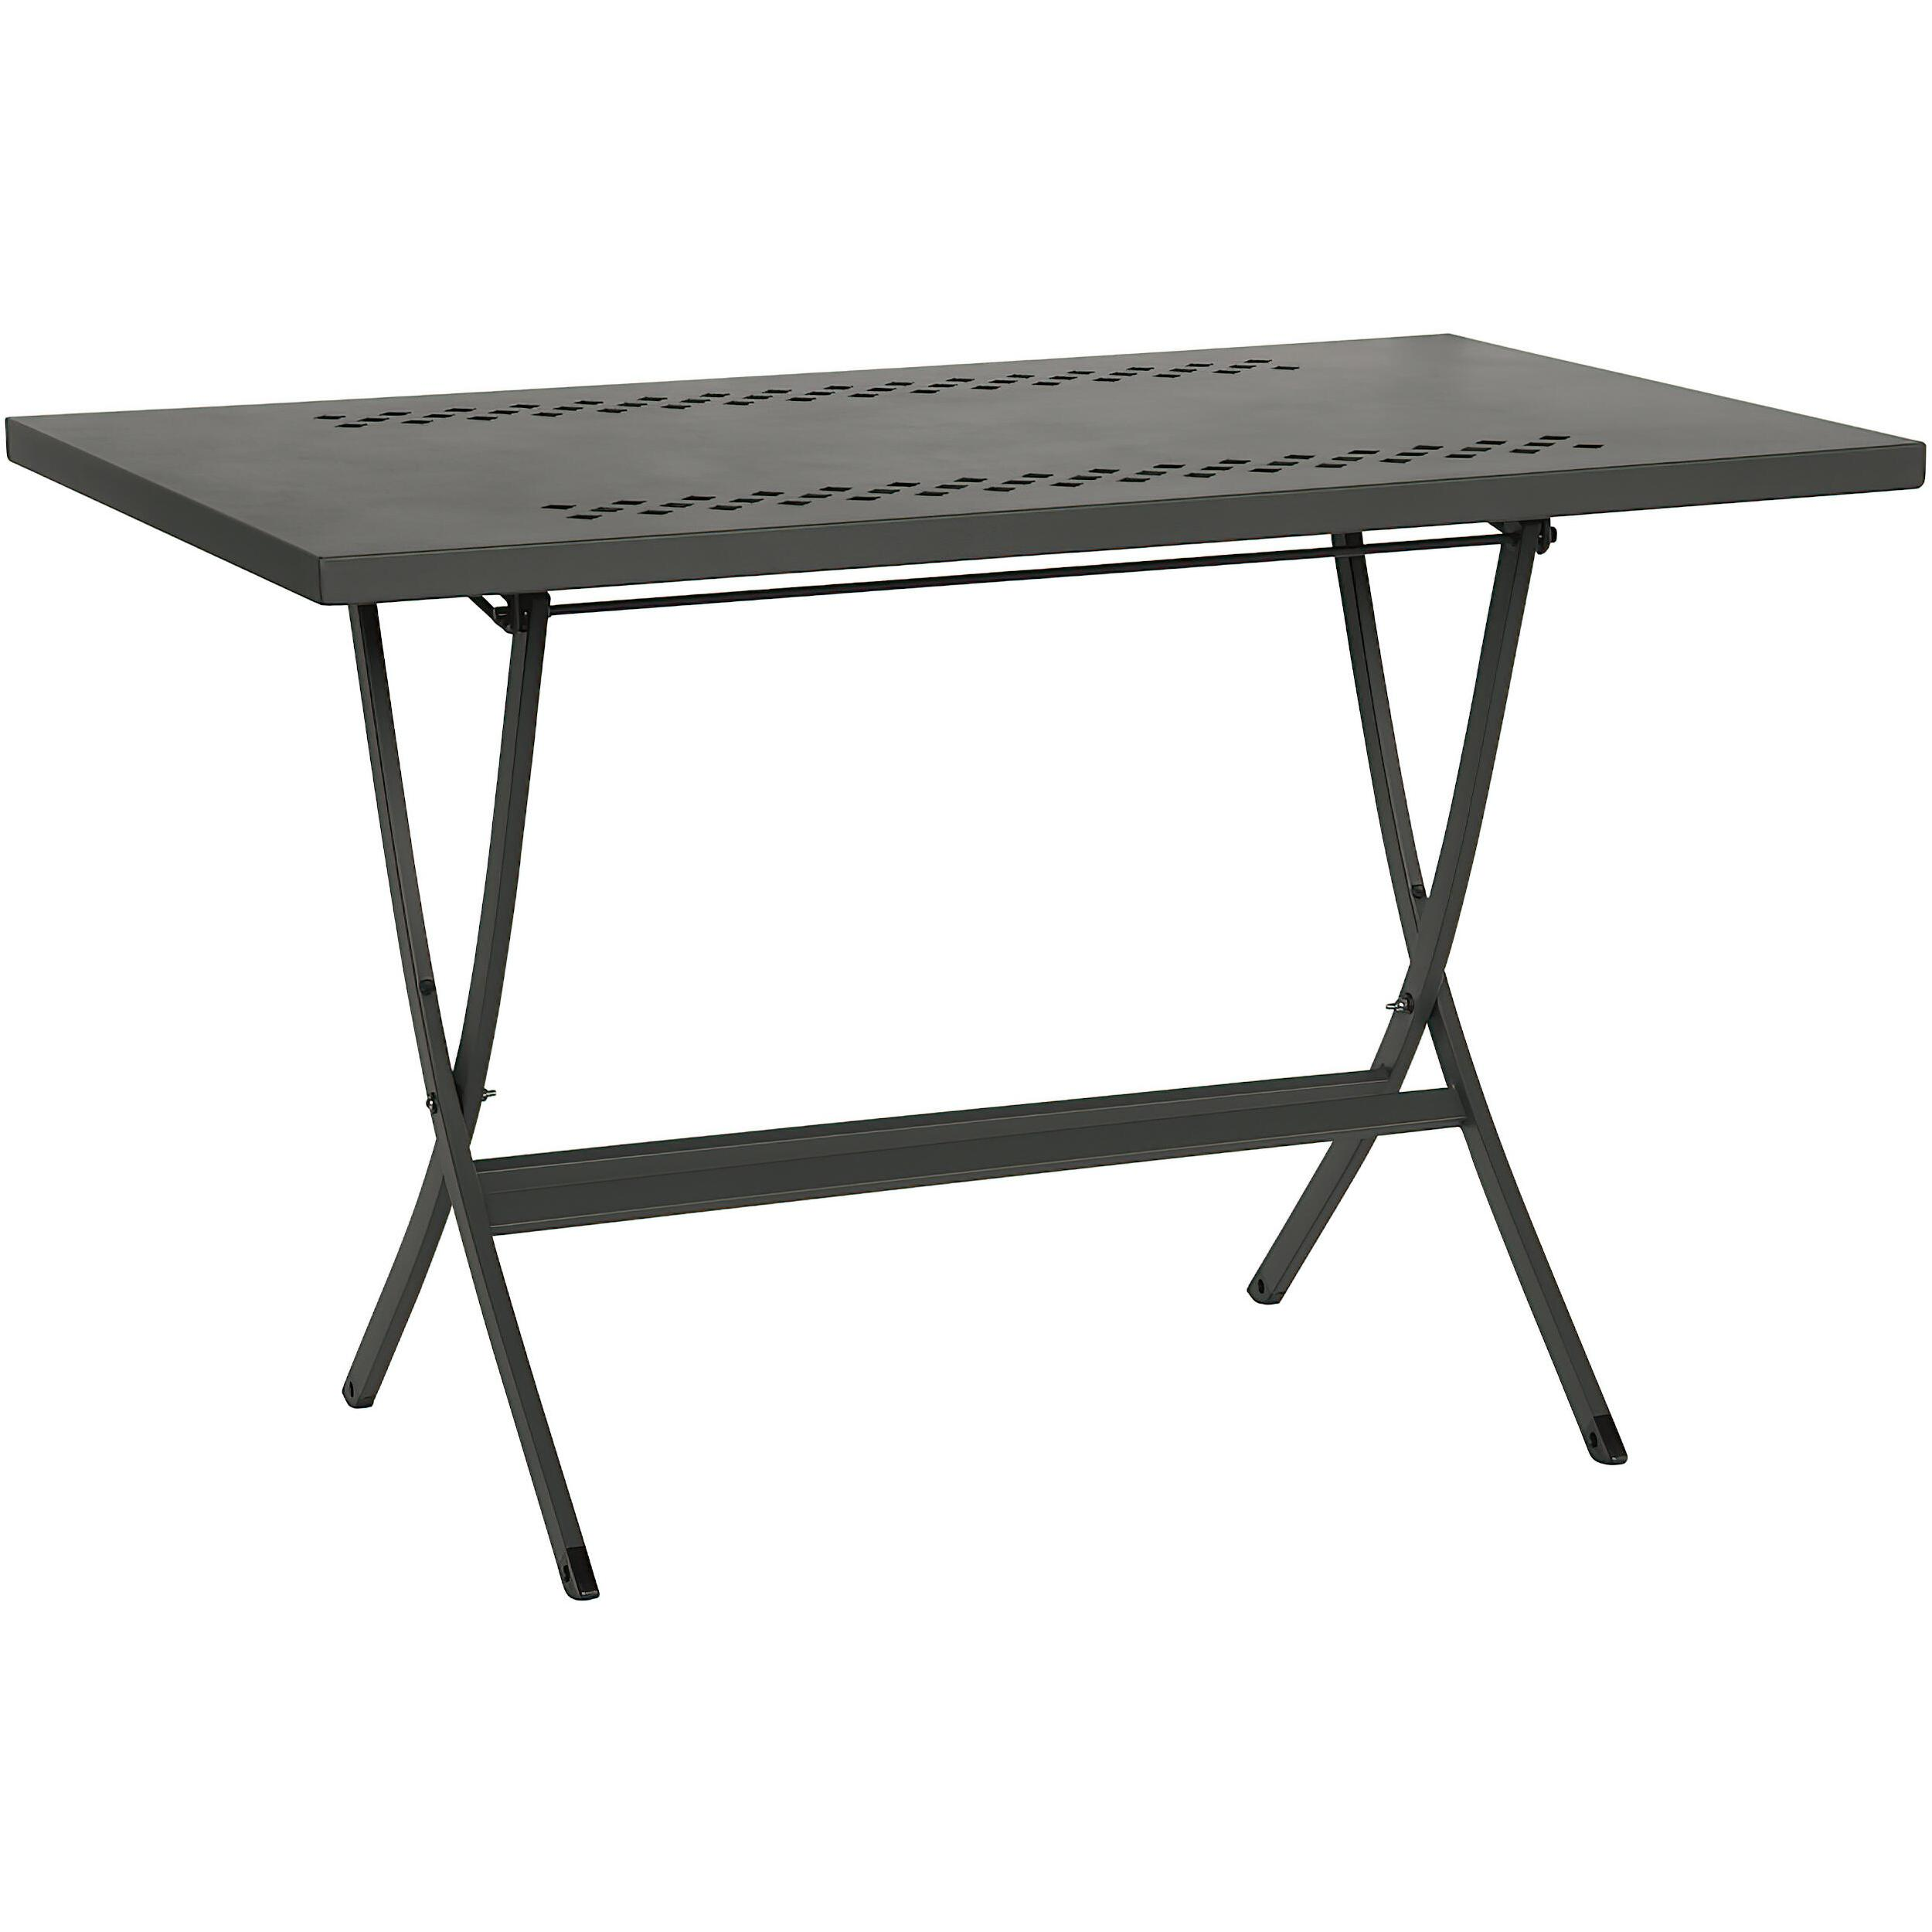 Tavolo Da Giardino richiudibile Hermes 80 Dimensioni 80x80xh75 cm Peso 12 kg struttura in acciaio con pia